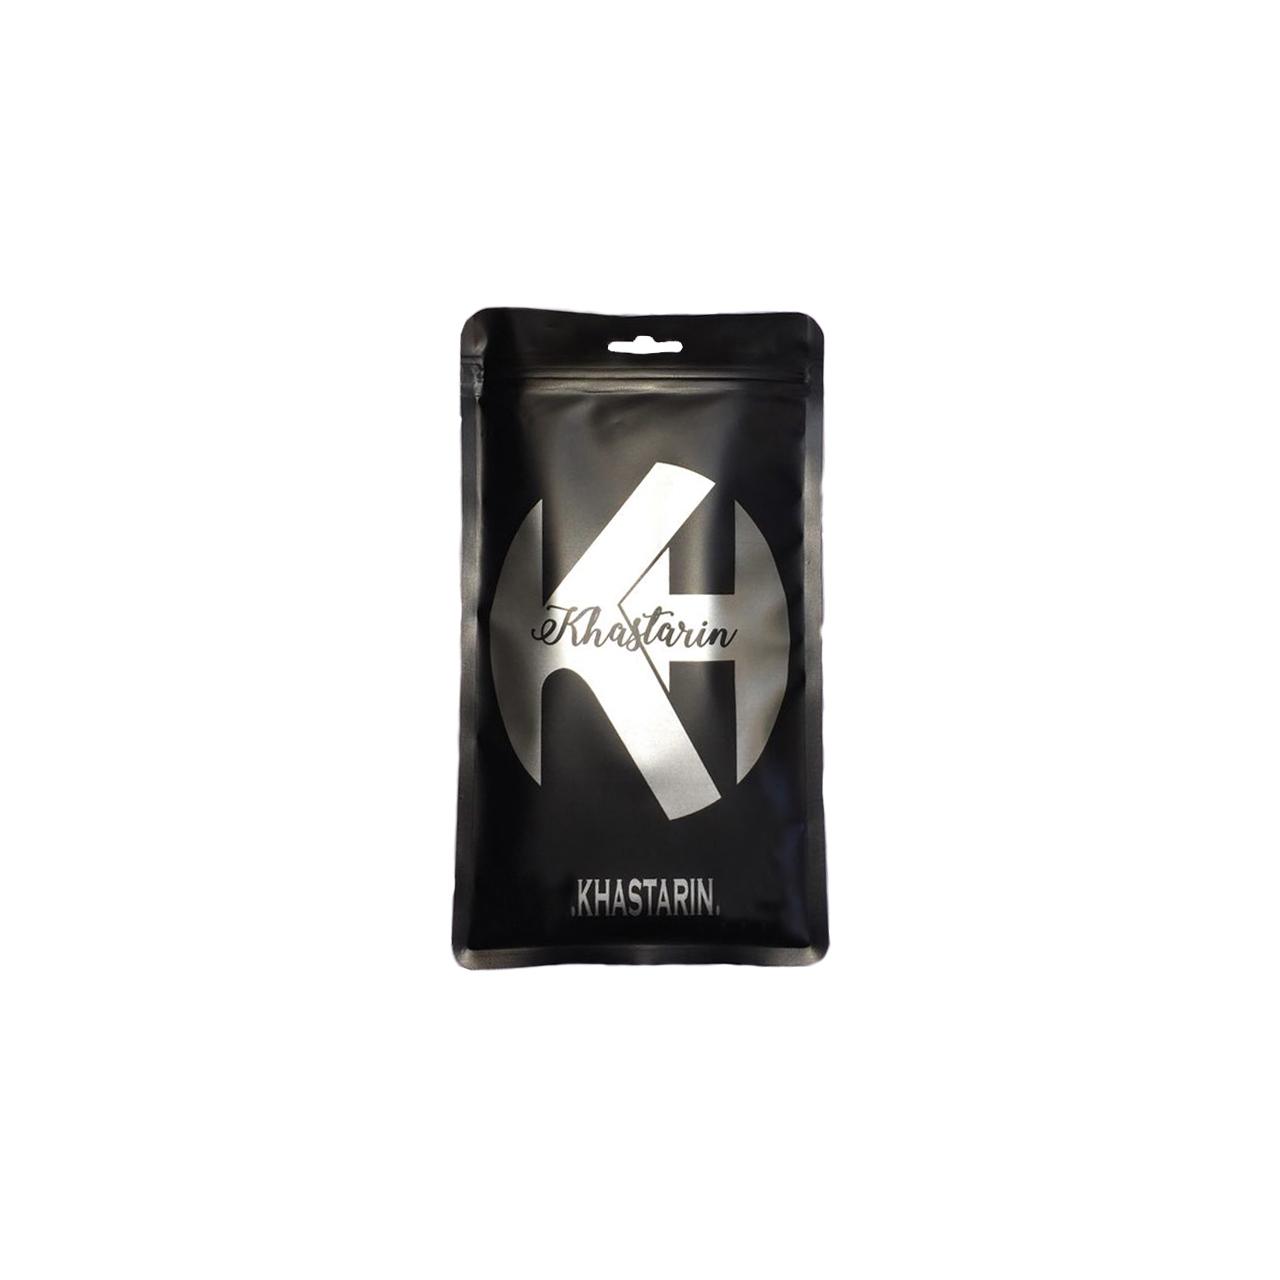 کاور کی اچ کد 7240 مناسب برای گوشی موبایل شیائومی  Redmi Note 9s / 9 Pro / 9 Pro Max  thumb 2 2